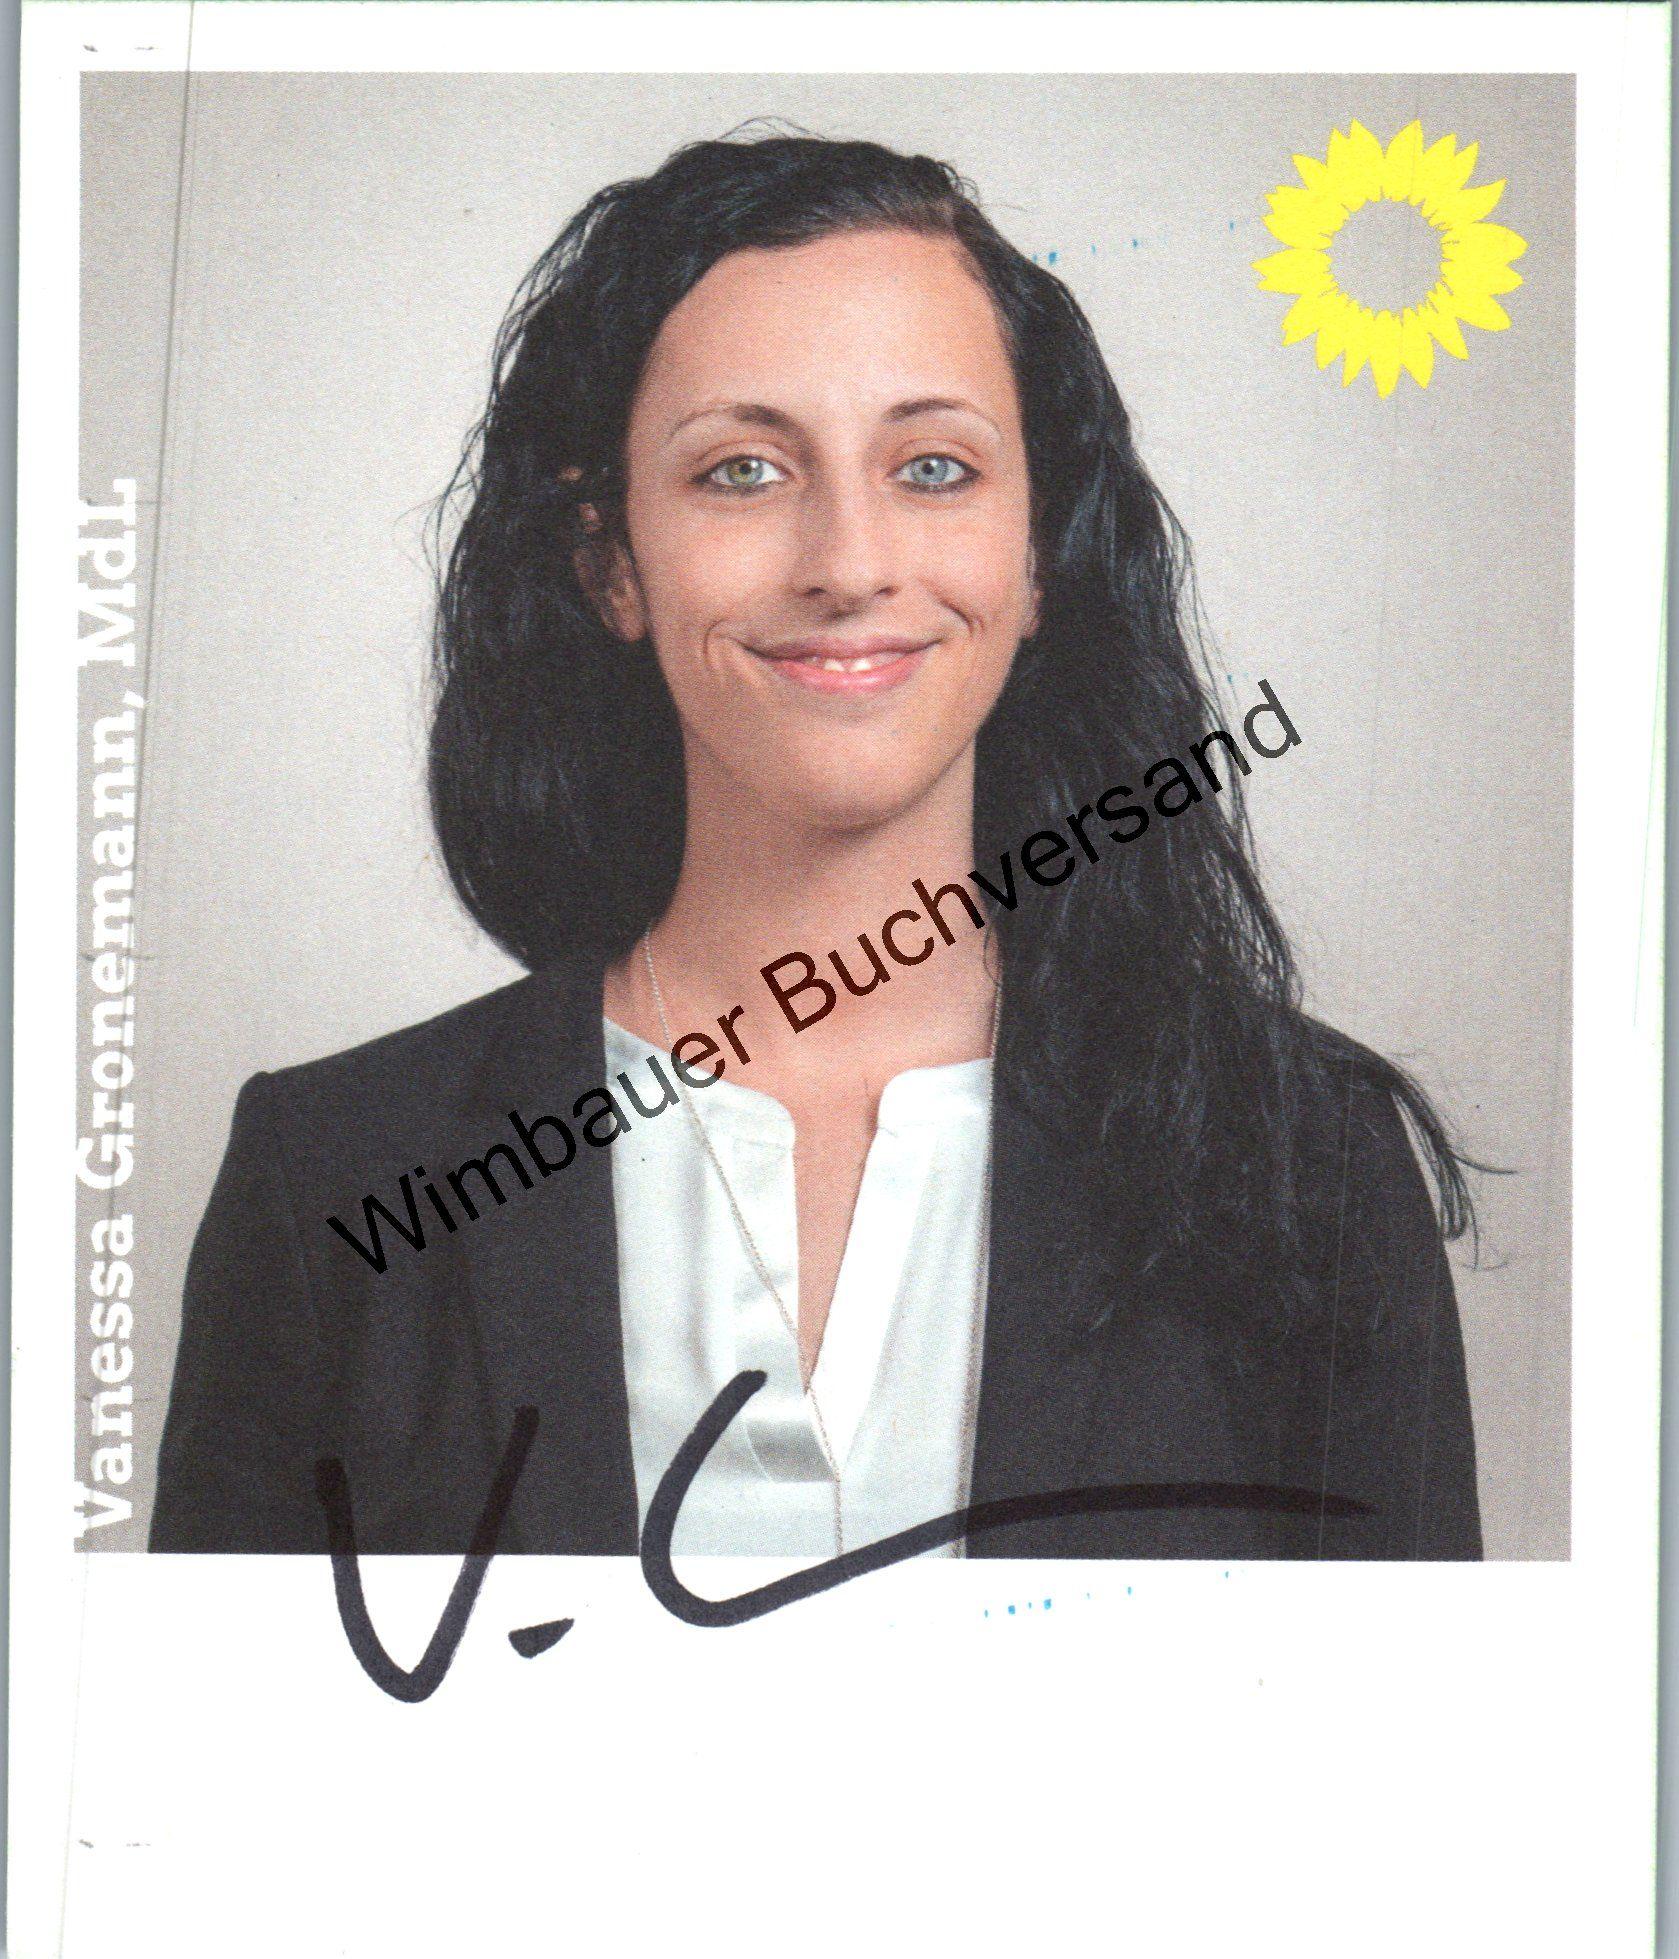 Original Autogramm Vanessa Gronemann MdL Bündnis 90 Die Grünen /// Autogramm Autograph signiert signed signee